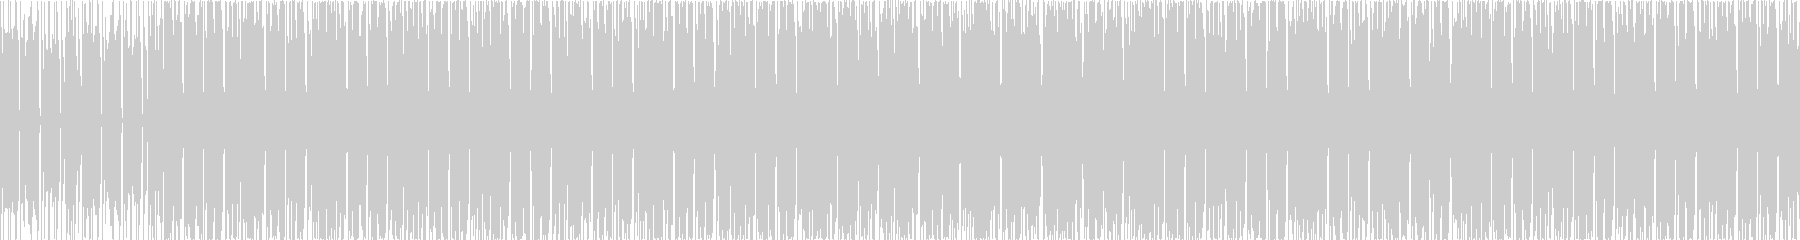 声ネタ入りHIPHOPTRACKの未再生の波形